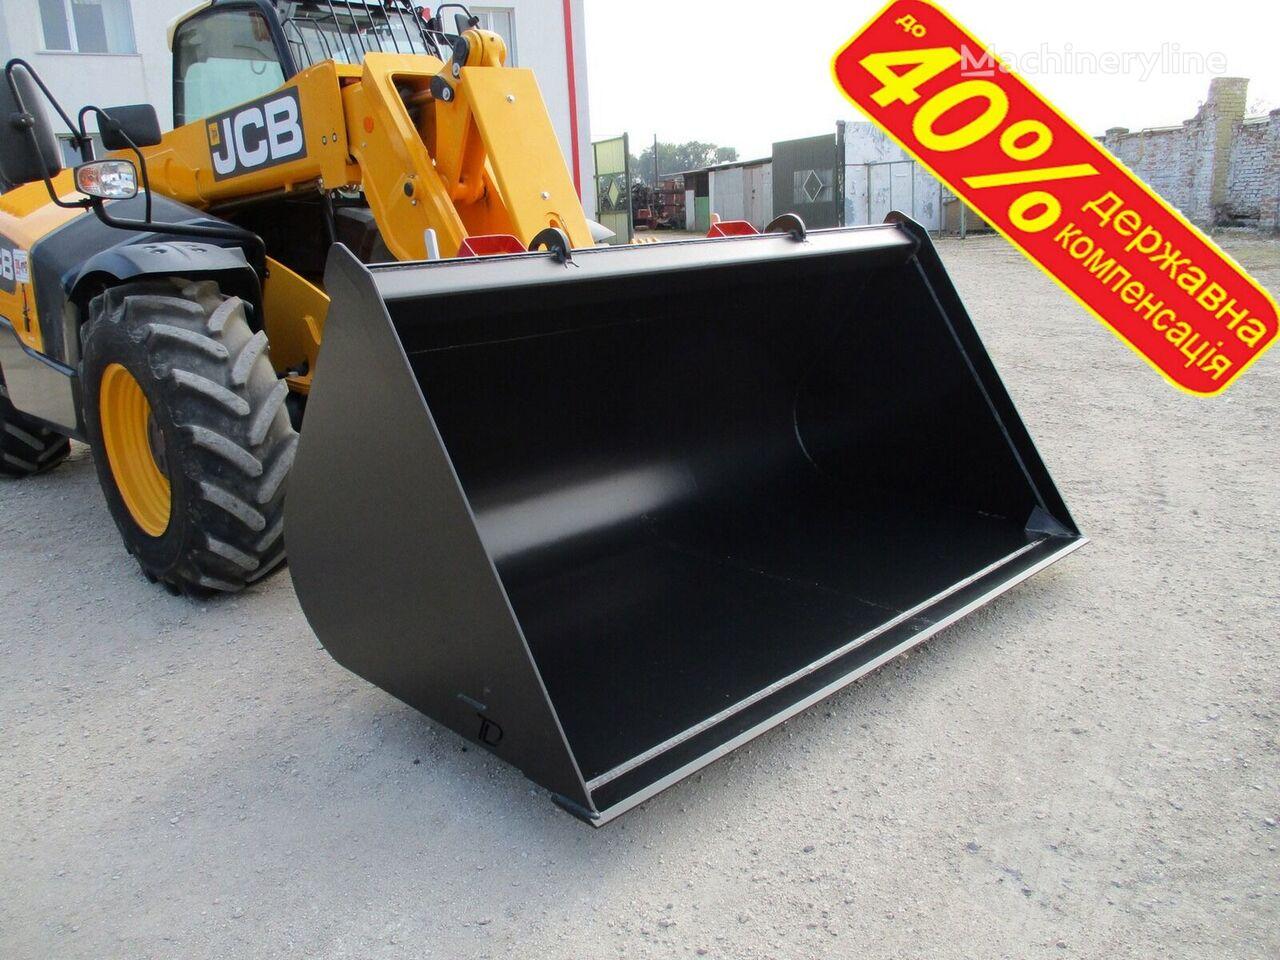 new JCB universalnyy kovsh DERZhKOMPENSACIYa do 40% front loader bucket